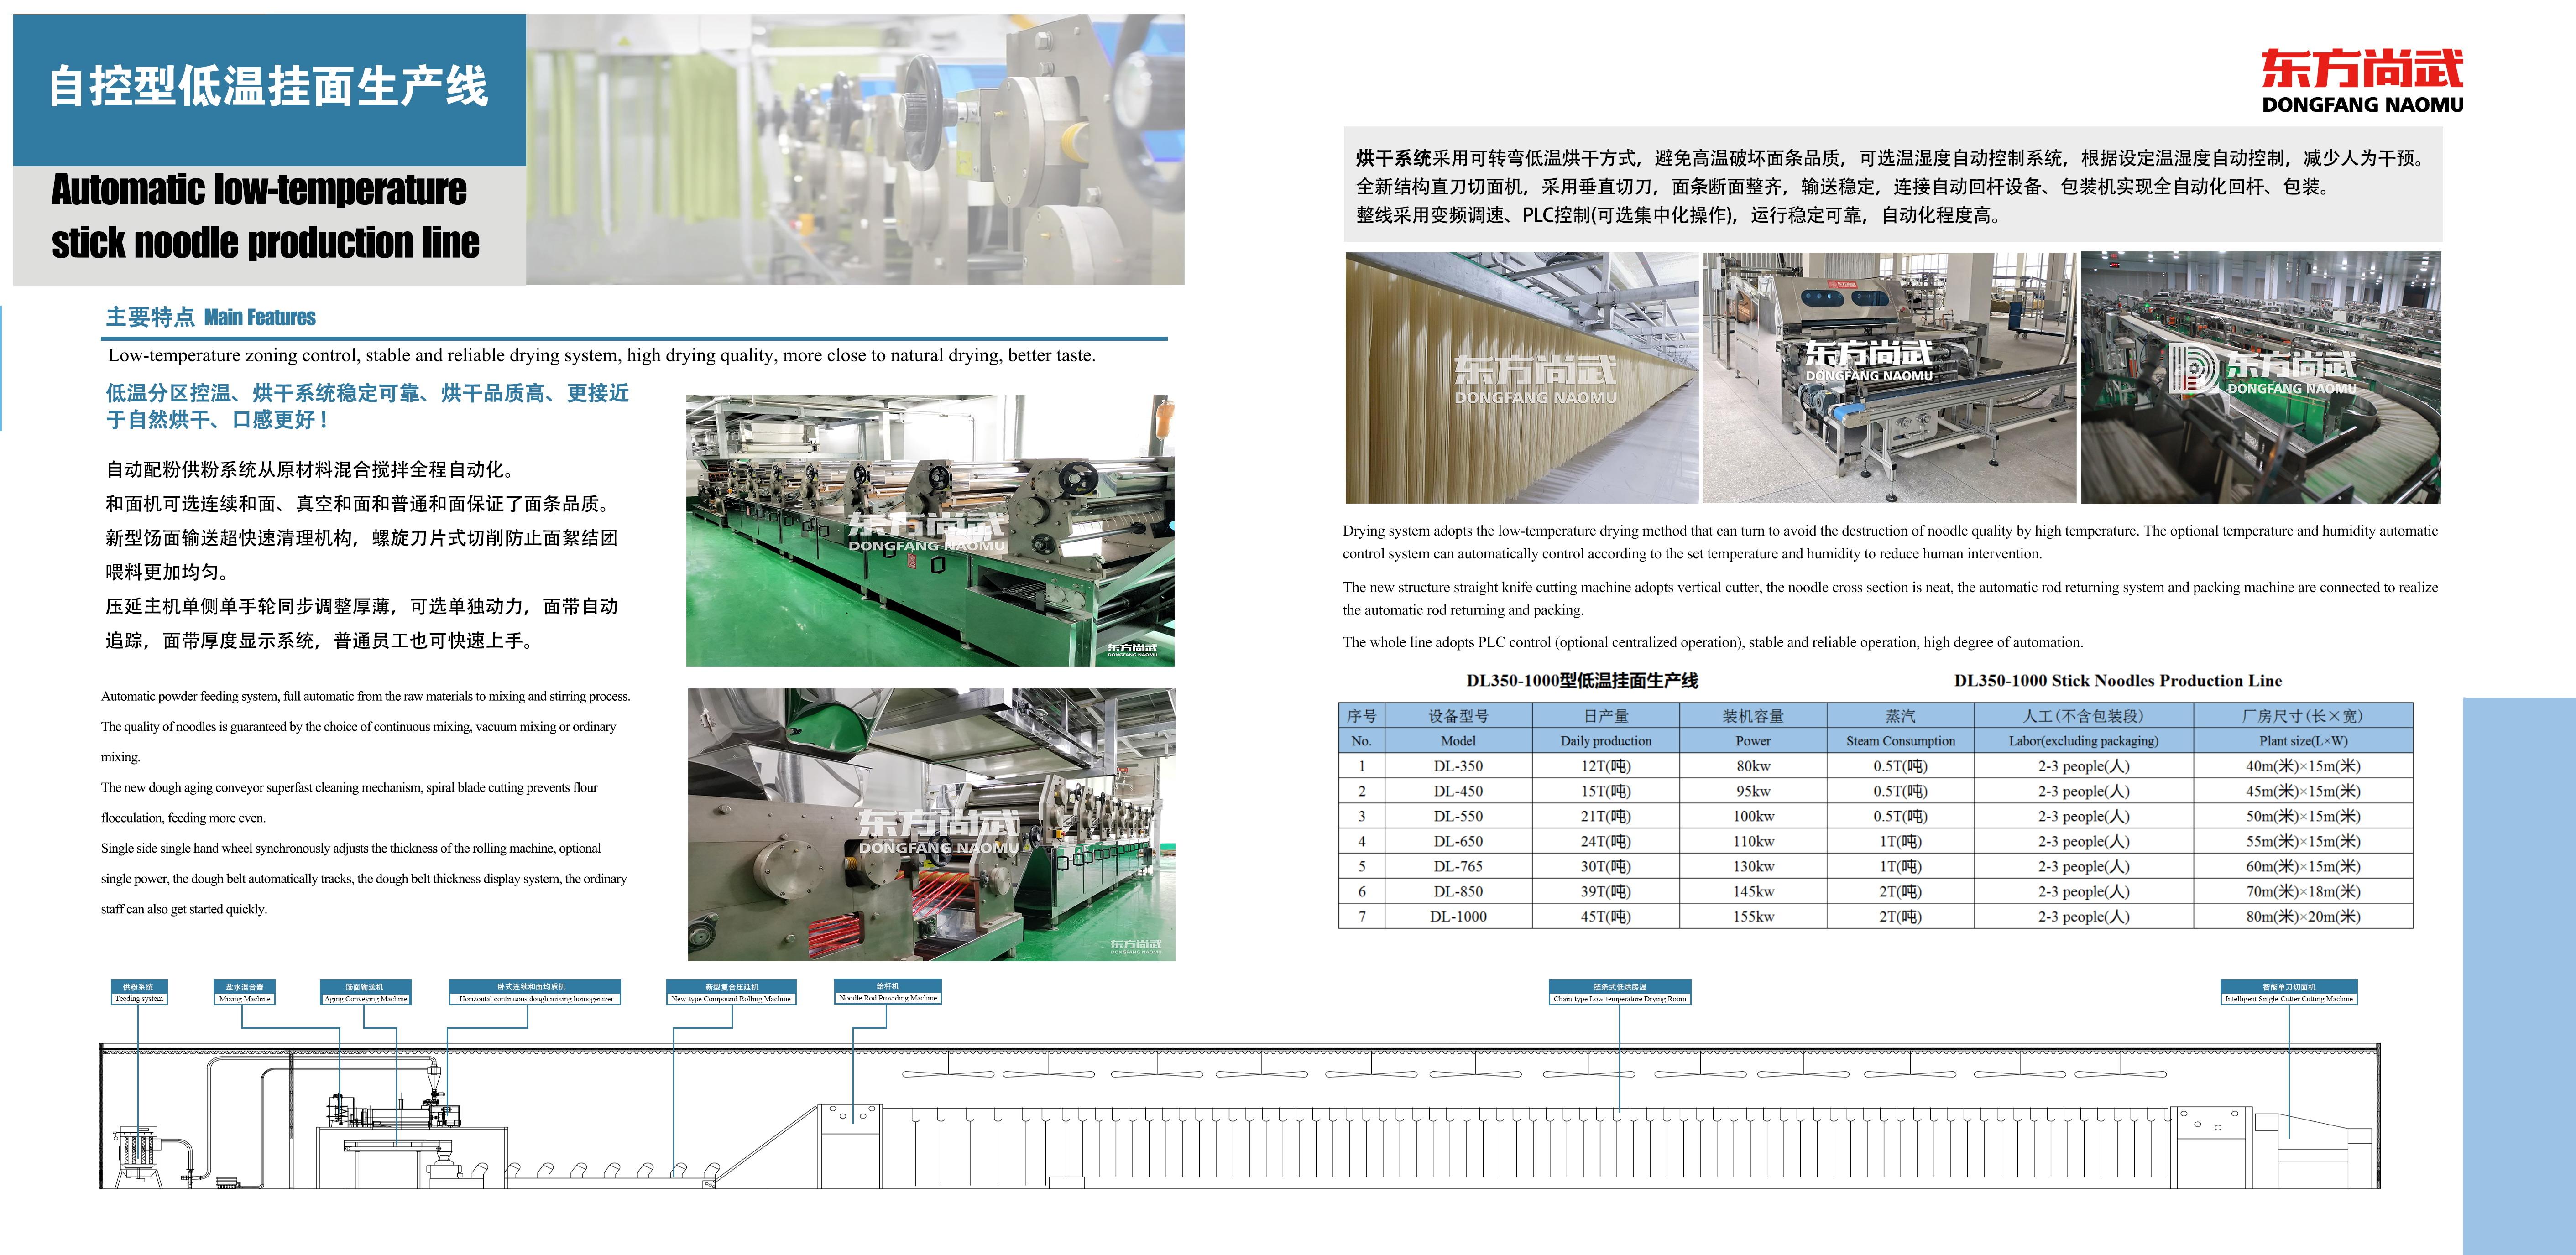 挂面生产线|挂面机设备|大型挂面生产线|东方尚武挂面机